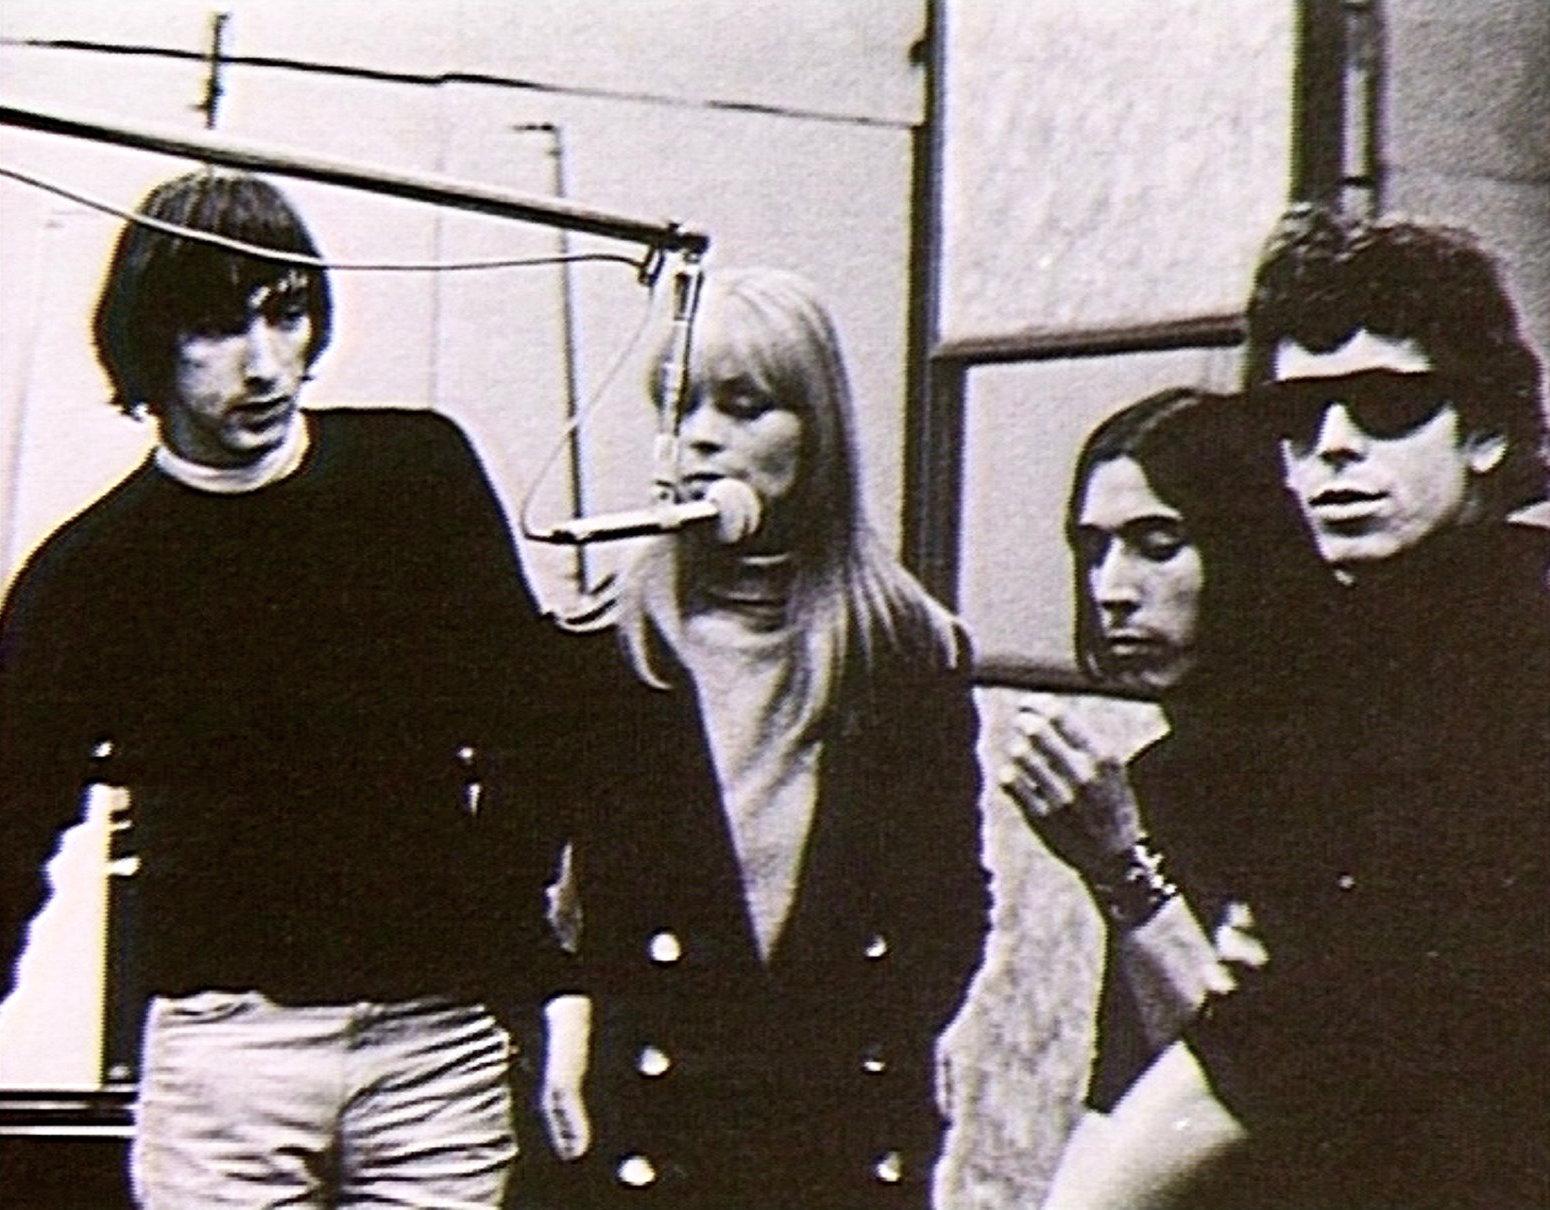 Nico Icon - Nico und Velvet Underground - Regie Susanne Ofteringer - Kamera Judith Kaufmann